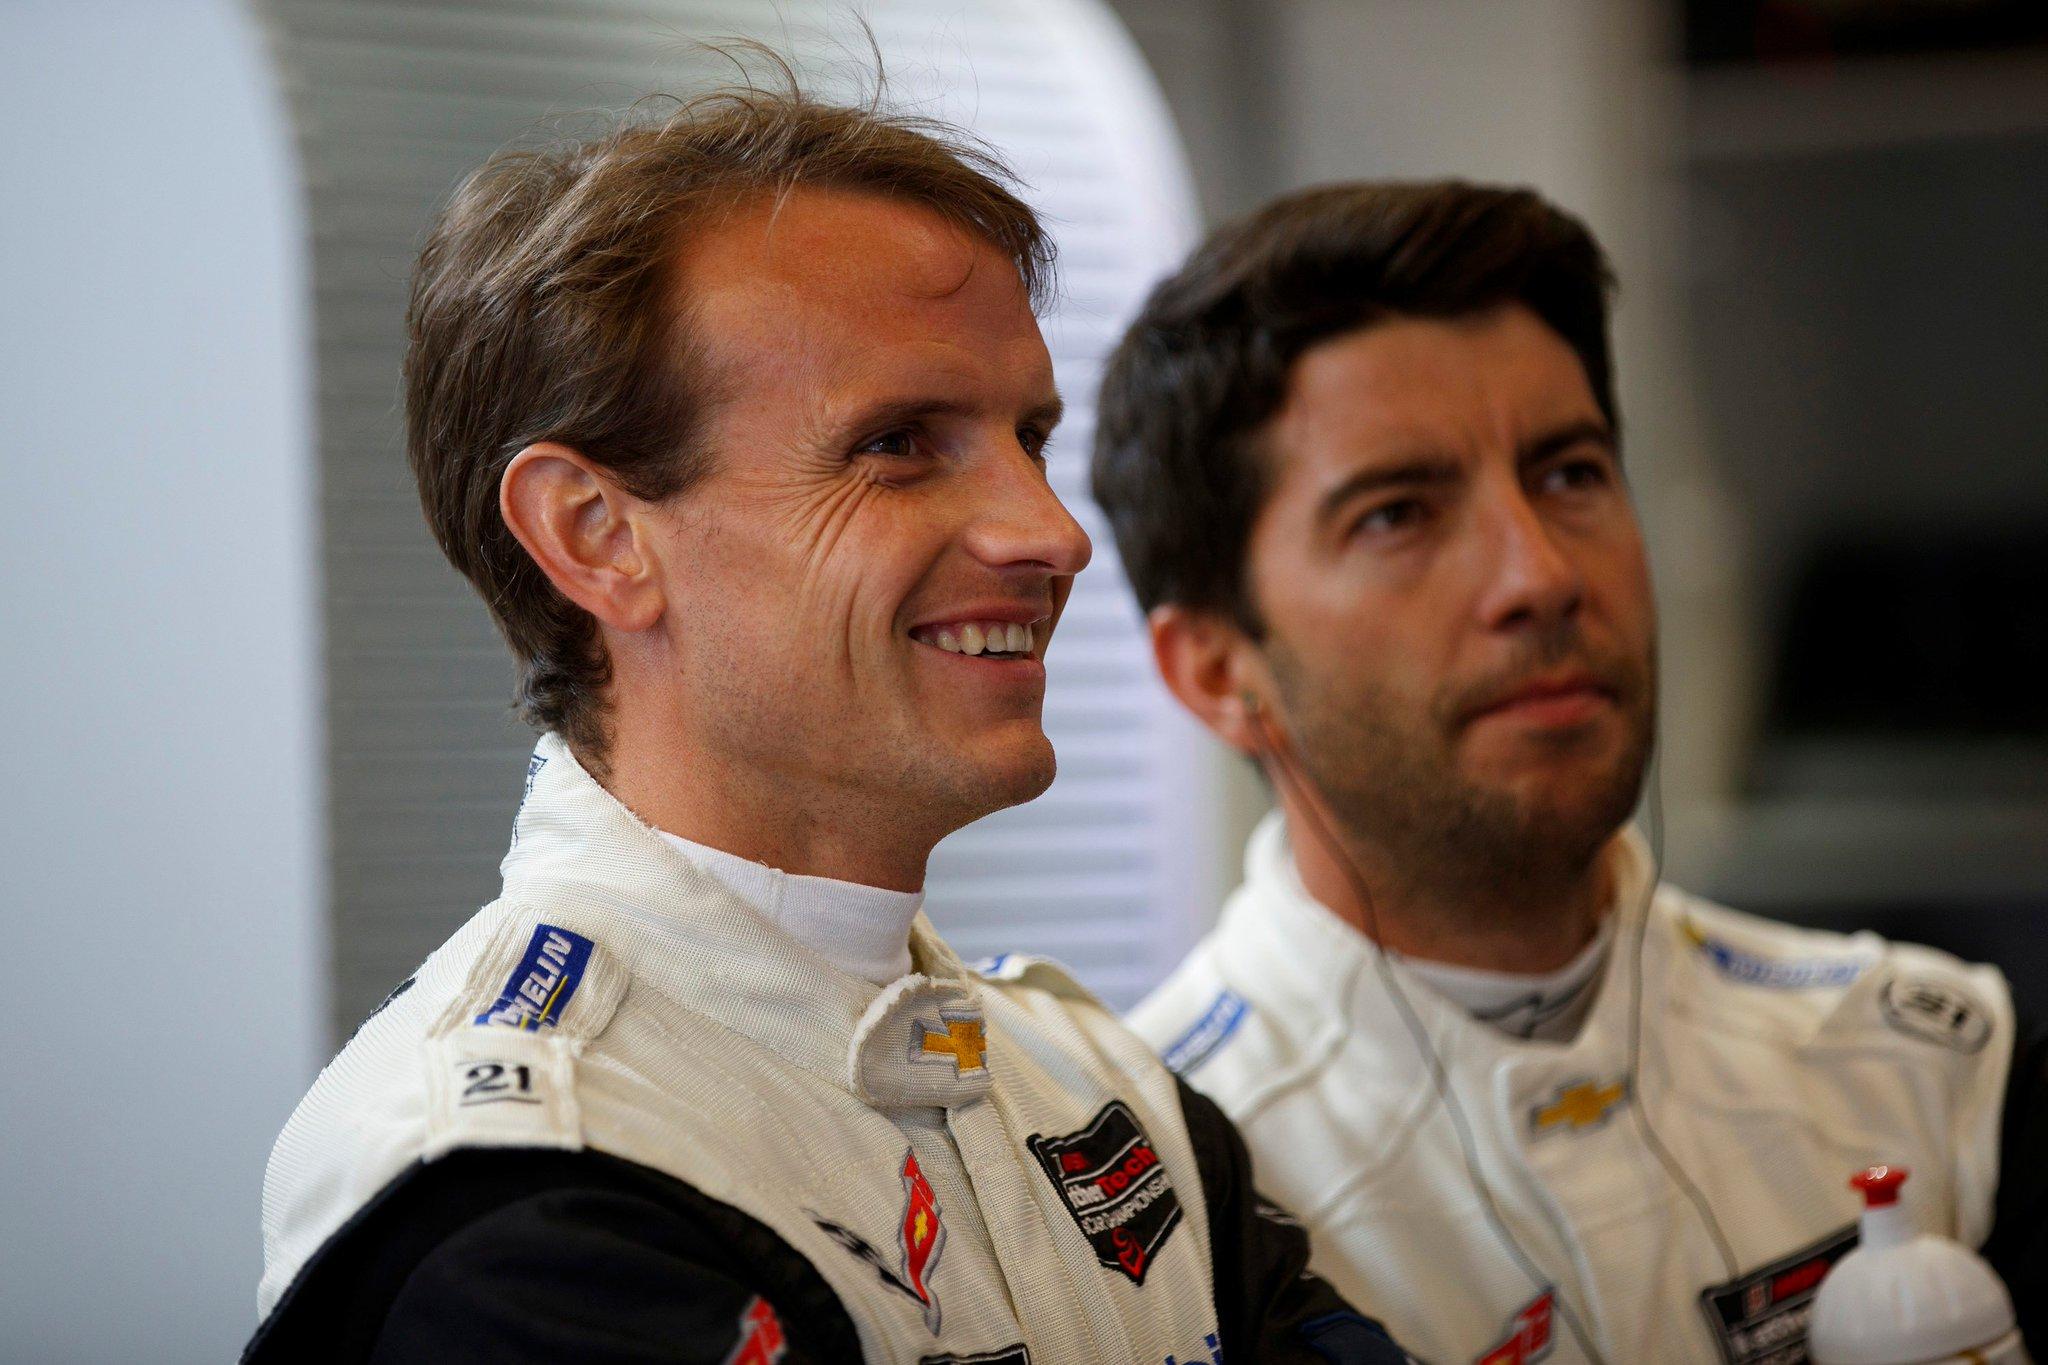 24 Horas de Le Mans 2018 - Página 3 Df1aDKfX0AE5_LN